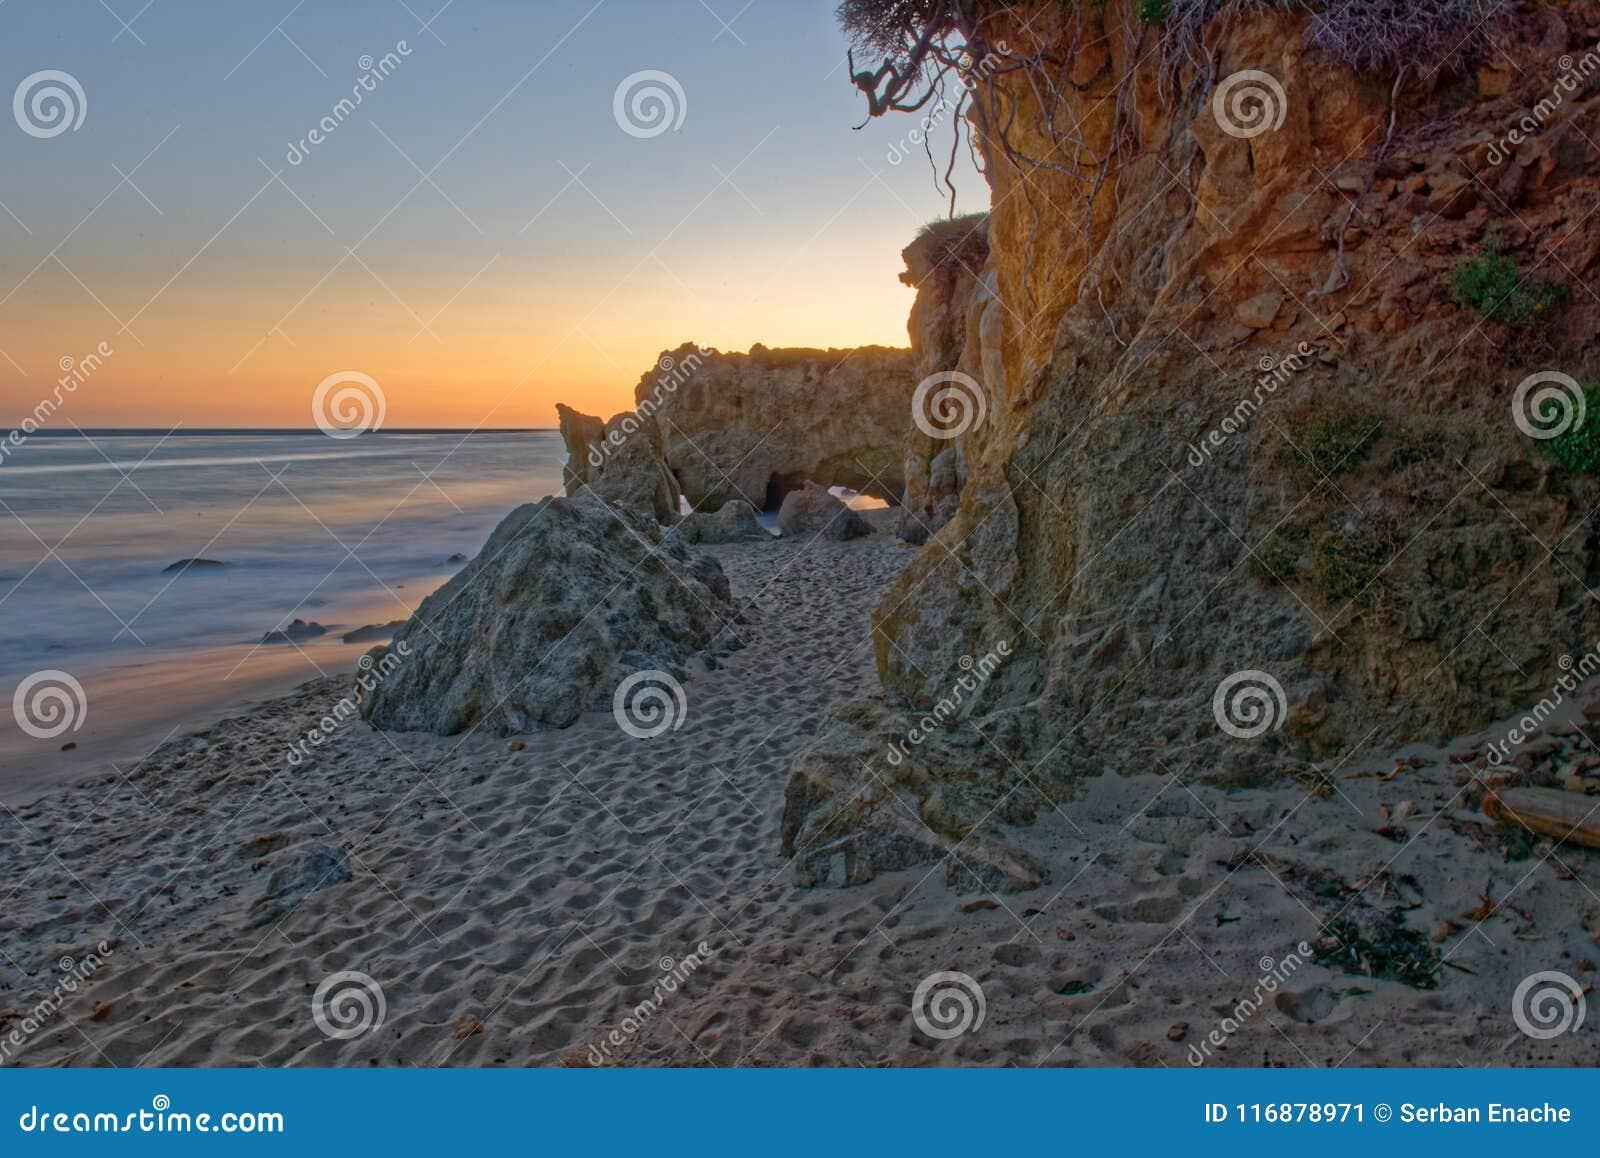 El-matador State Beach i Malibu